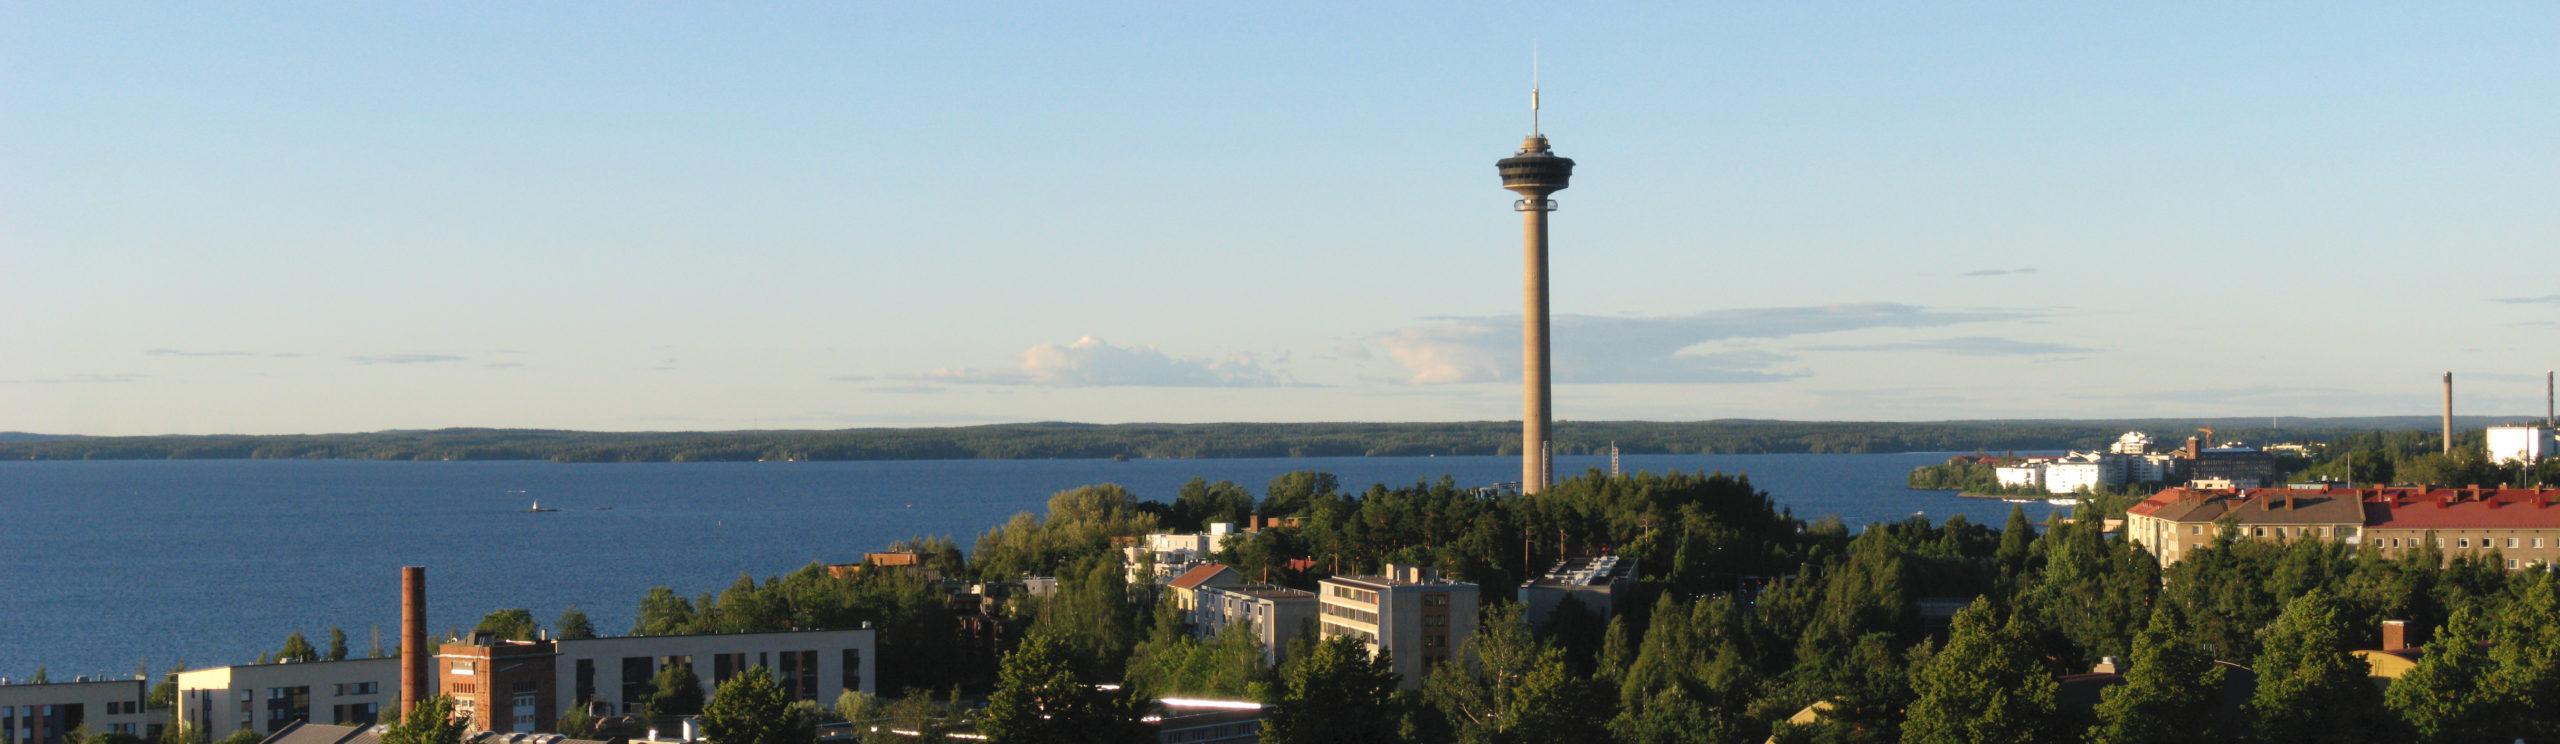 Koivistonkylä